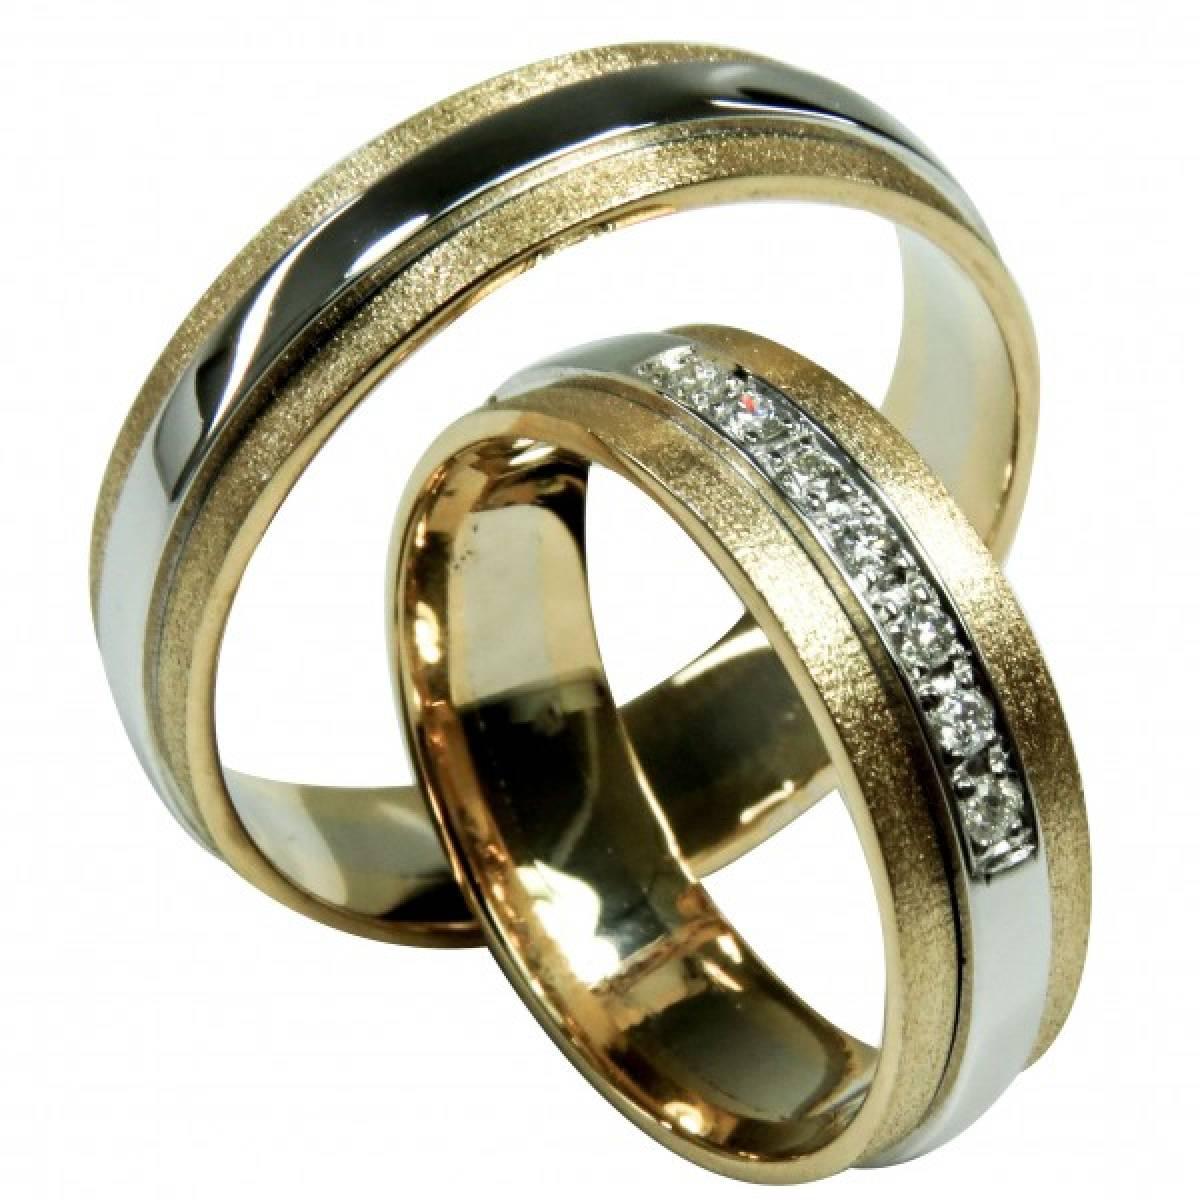 Alianças de Casamento bicolores com diamantes ou zircónias ouro de 9 e 19 kts